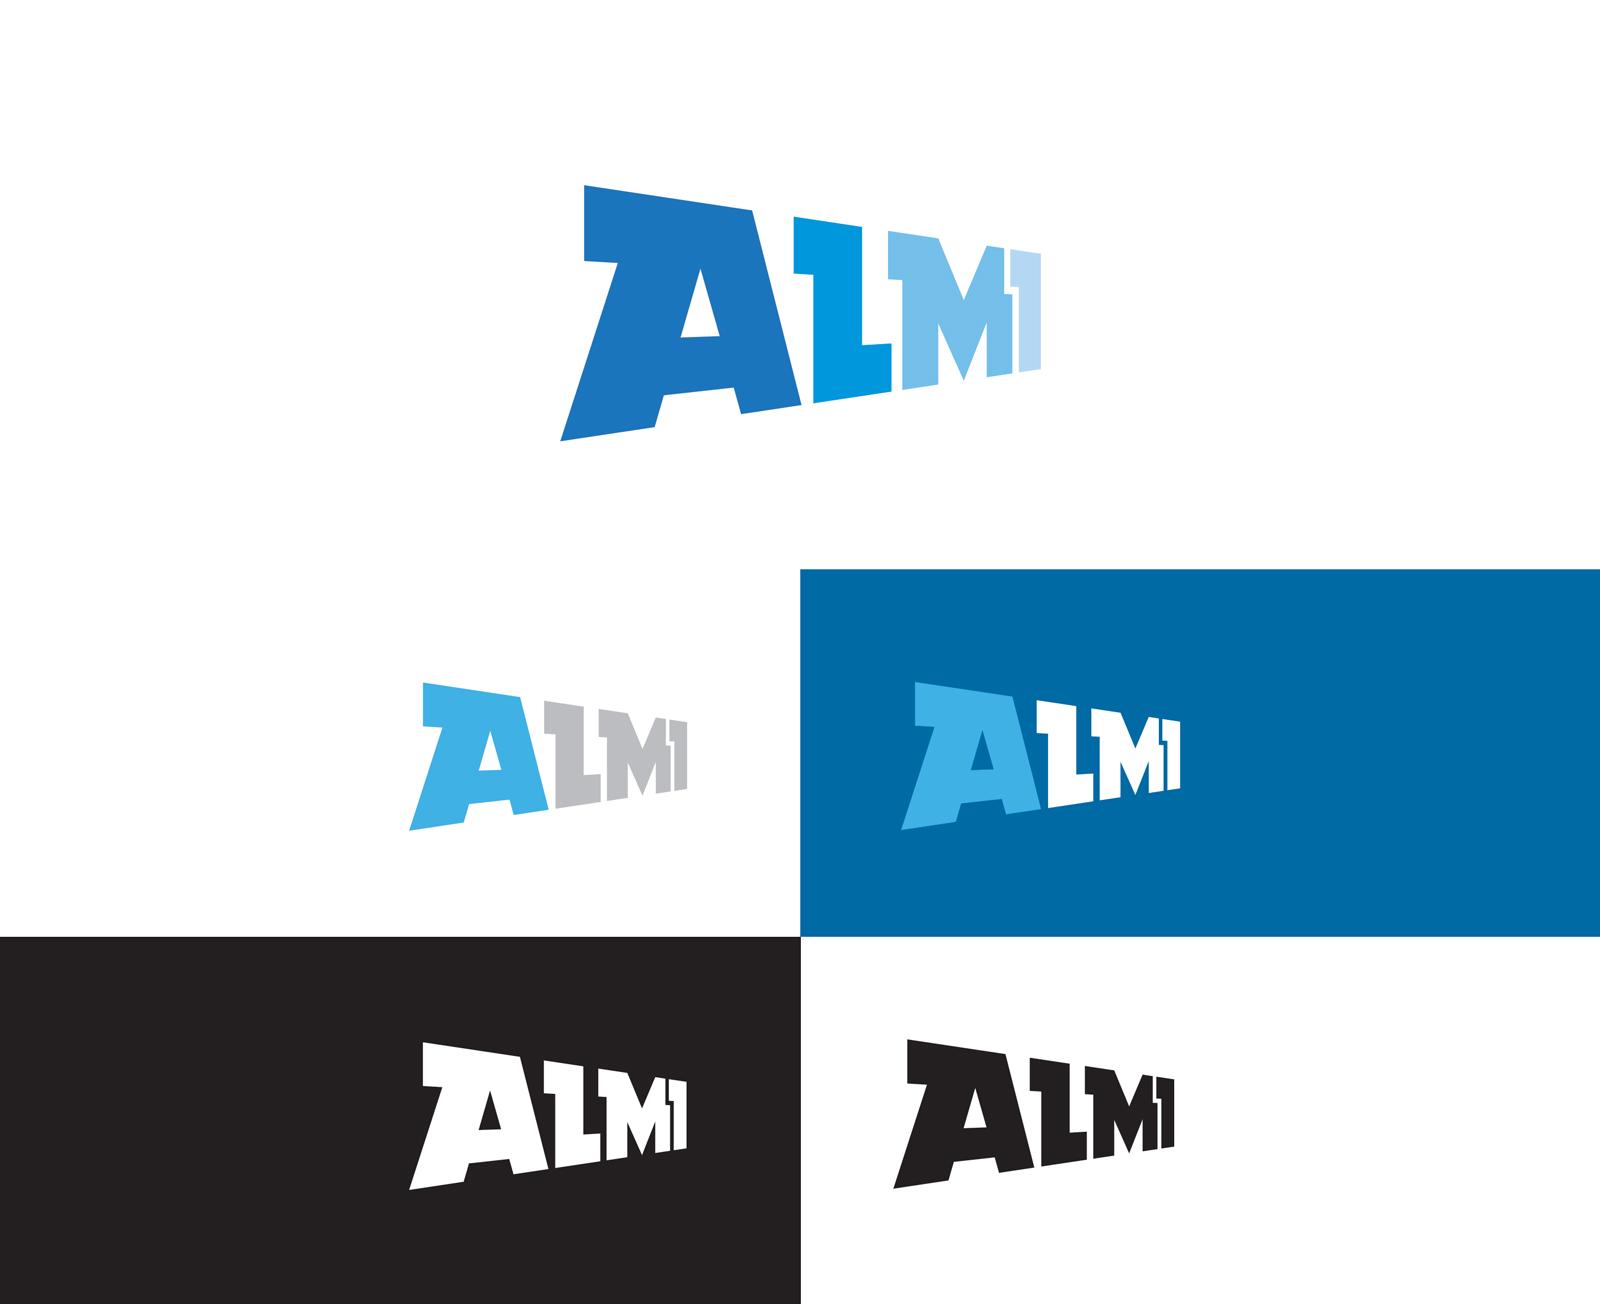 Разработка логотипа и фона фото f_5075991e59d0ddd5.jpg